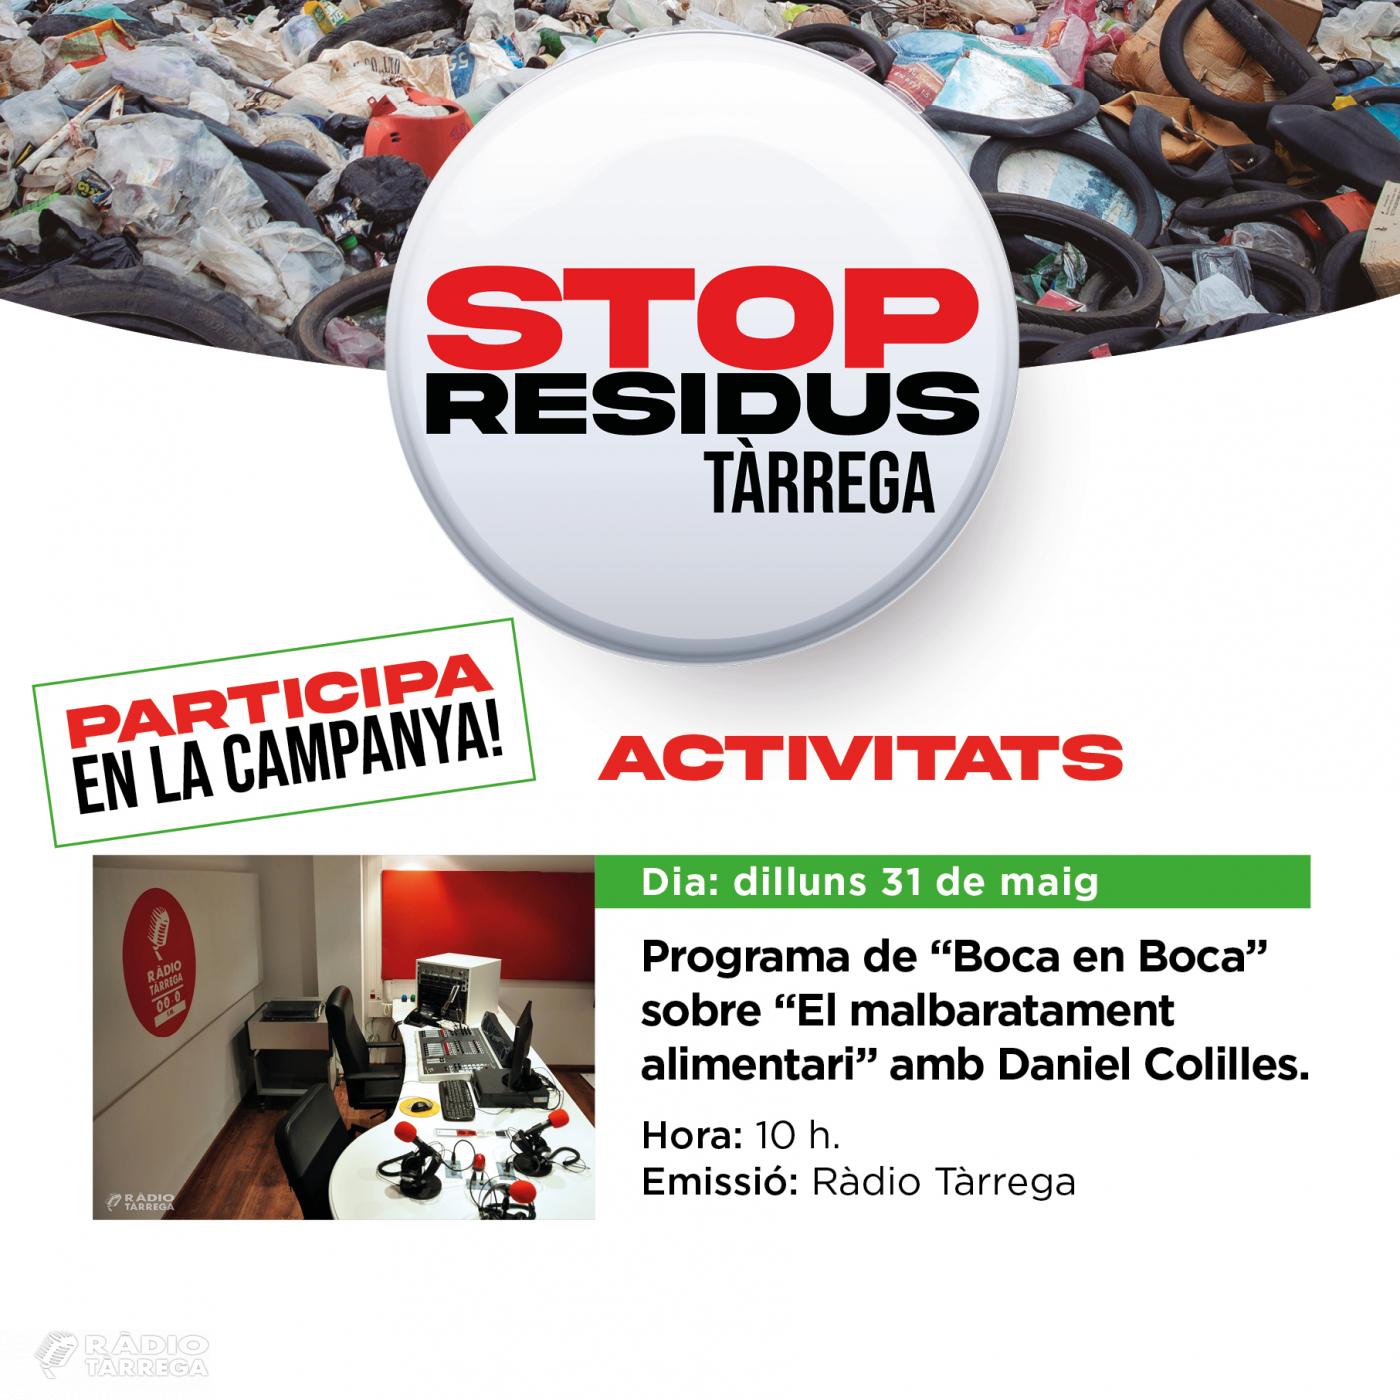 Ràdio Tàrrega s'uneix a la campanya 'Stop Residus' parlant del malbaratament alimentari a la secció de cuina